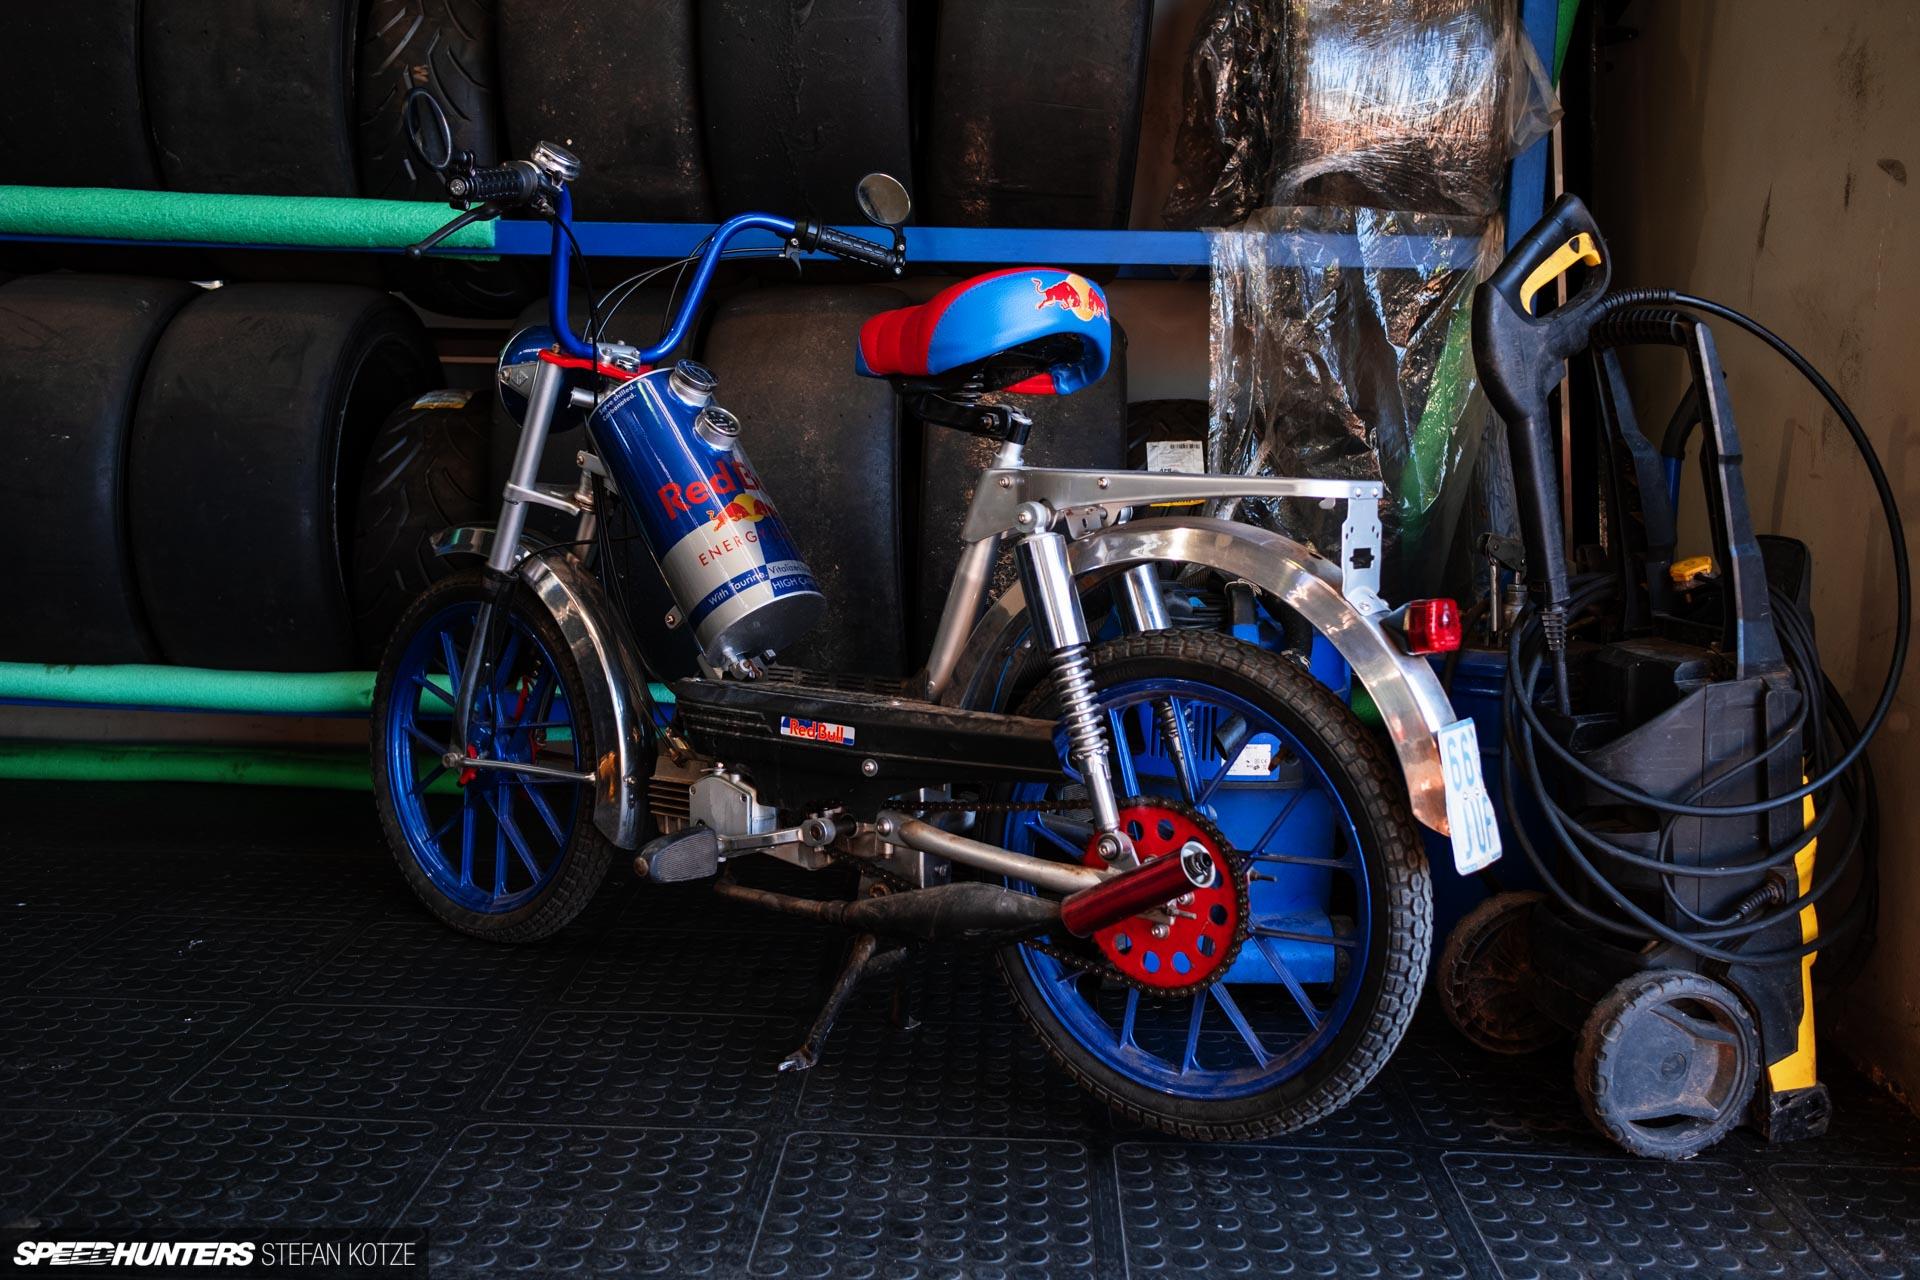 stefan-kotze-speedhunters-czank-workshop